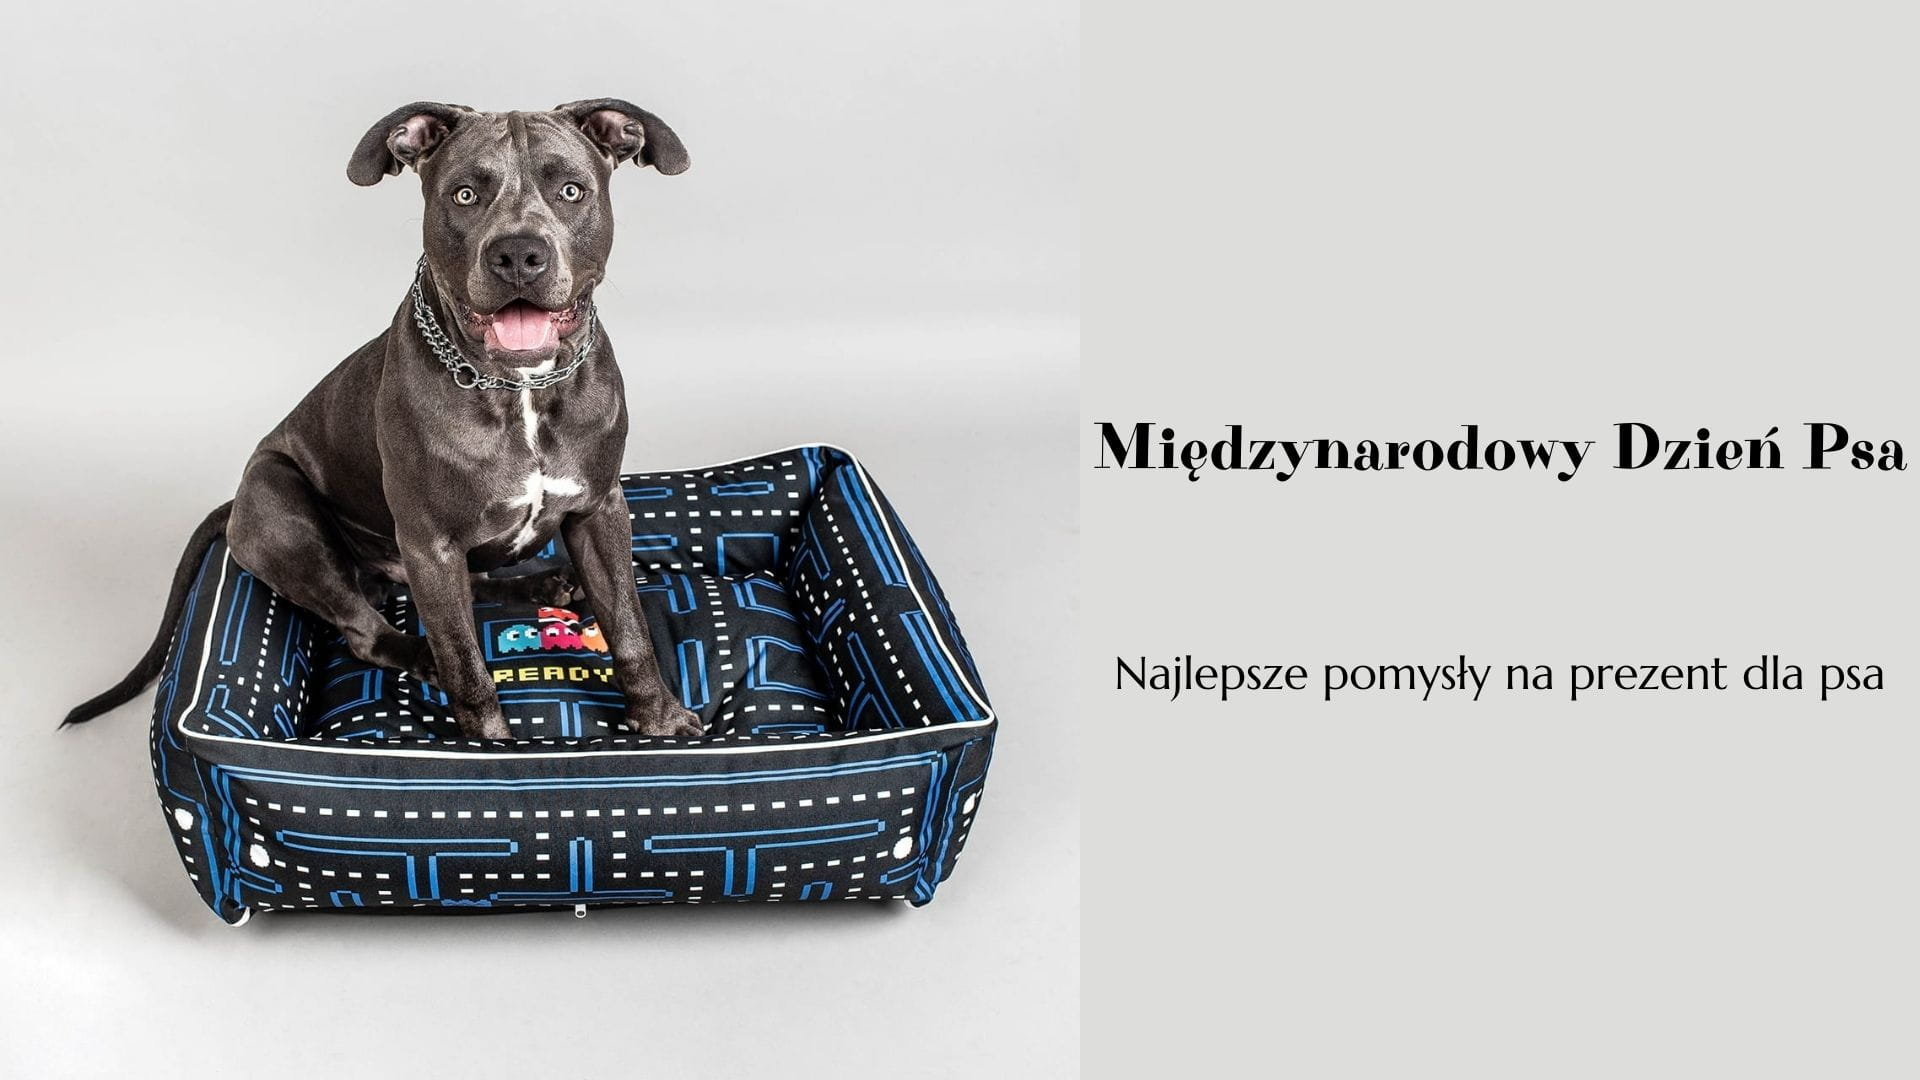 Międzynarodowy Dzień Psa, czyli najlepsze pomysły na prezent dla psa